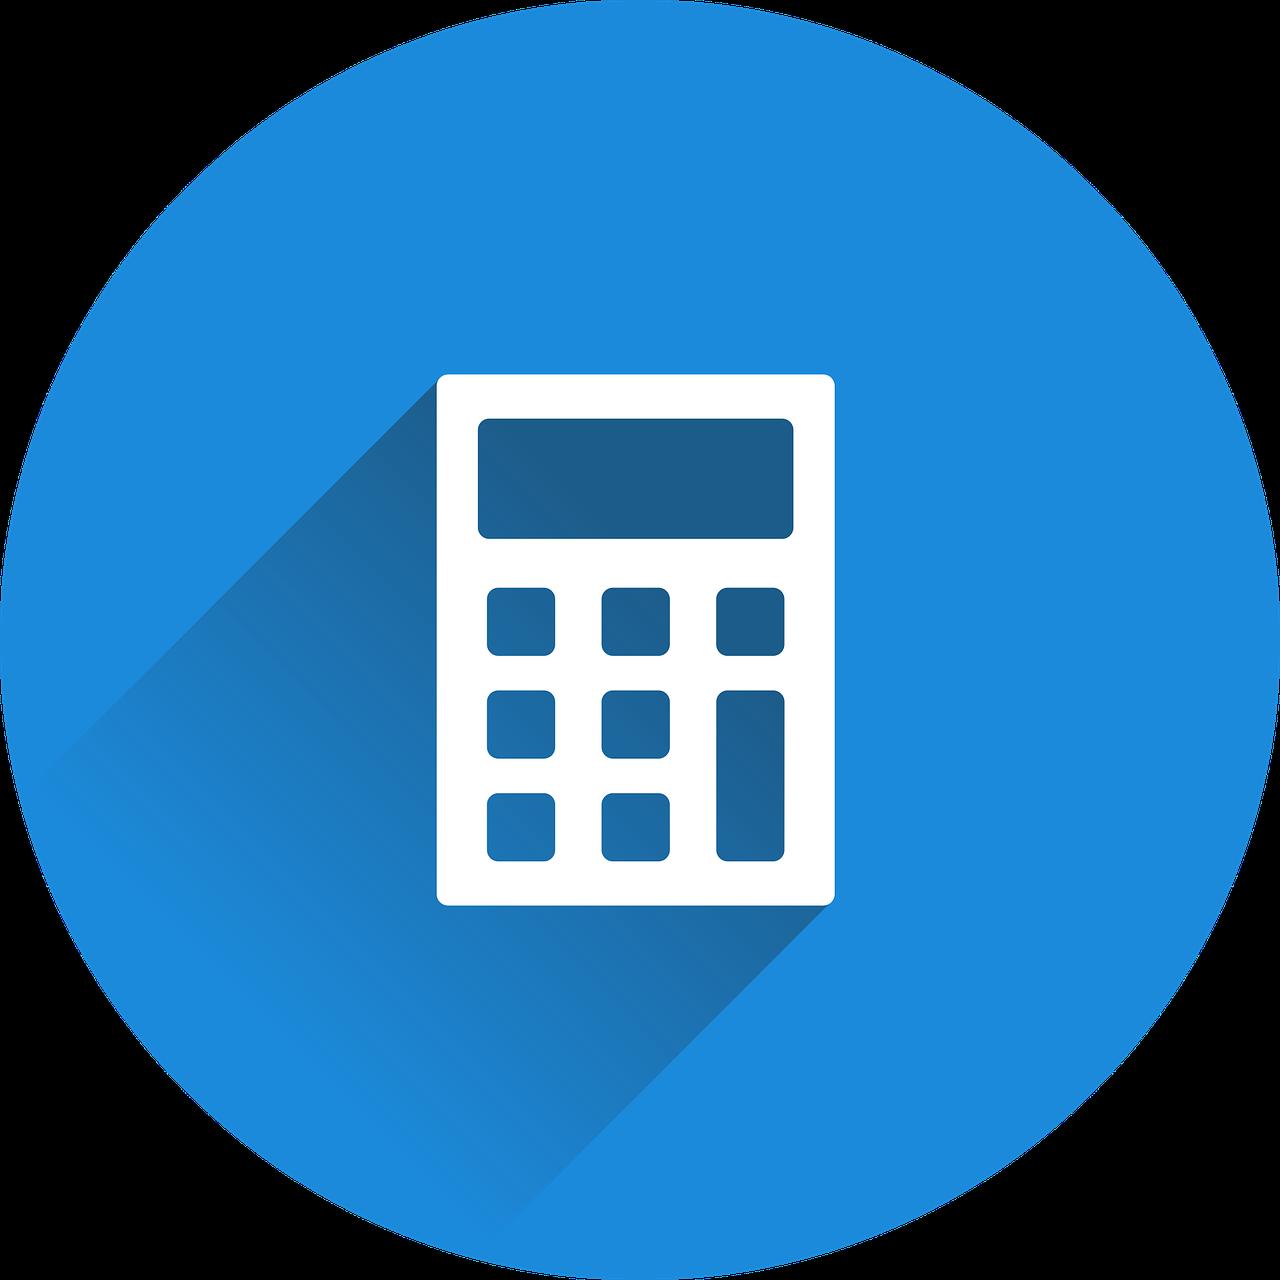 La calculadora del salario neto bruto en Suiza